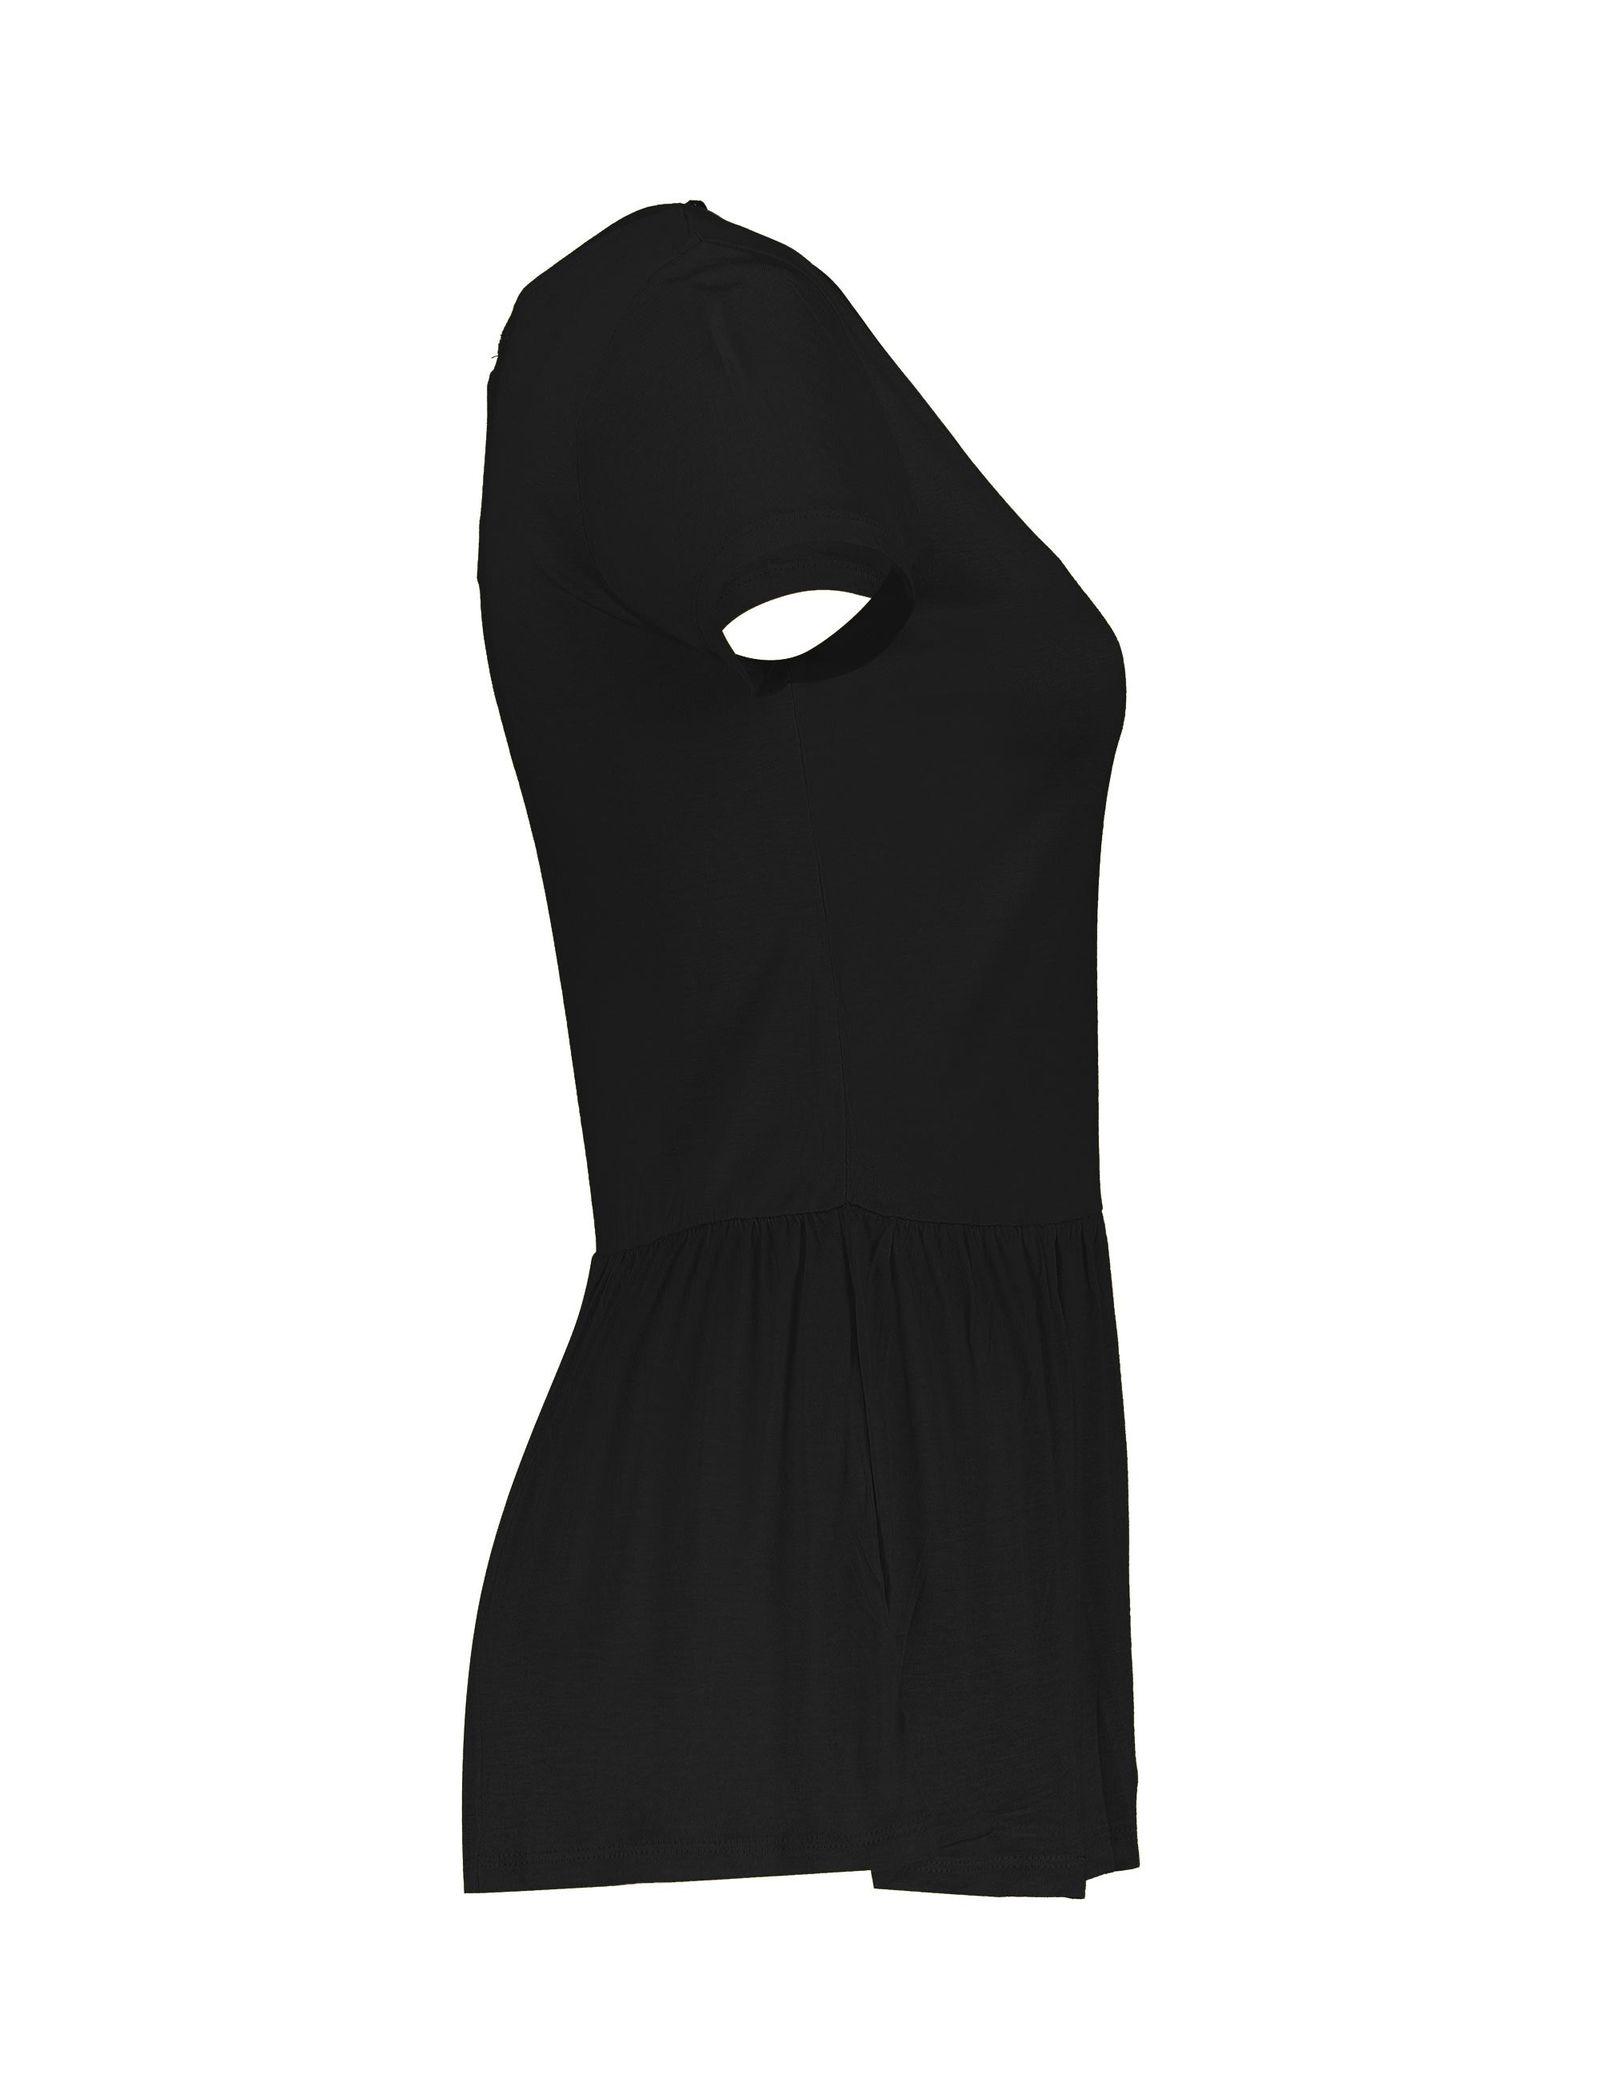 تی شرت ویسکوز یقه گرد زنانه - یوپیم - مشکي  - 3